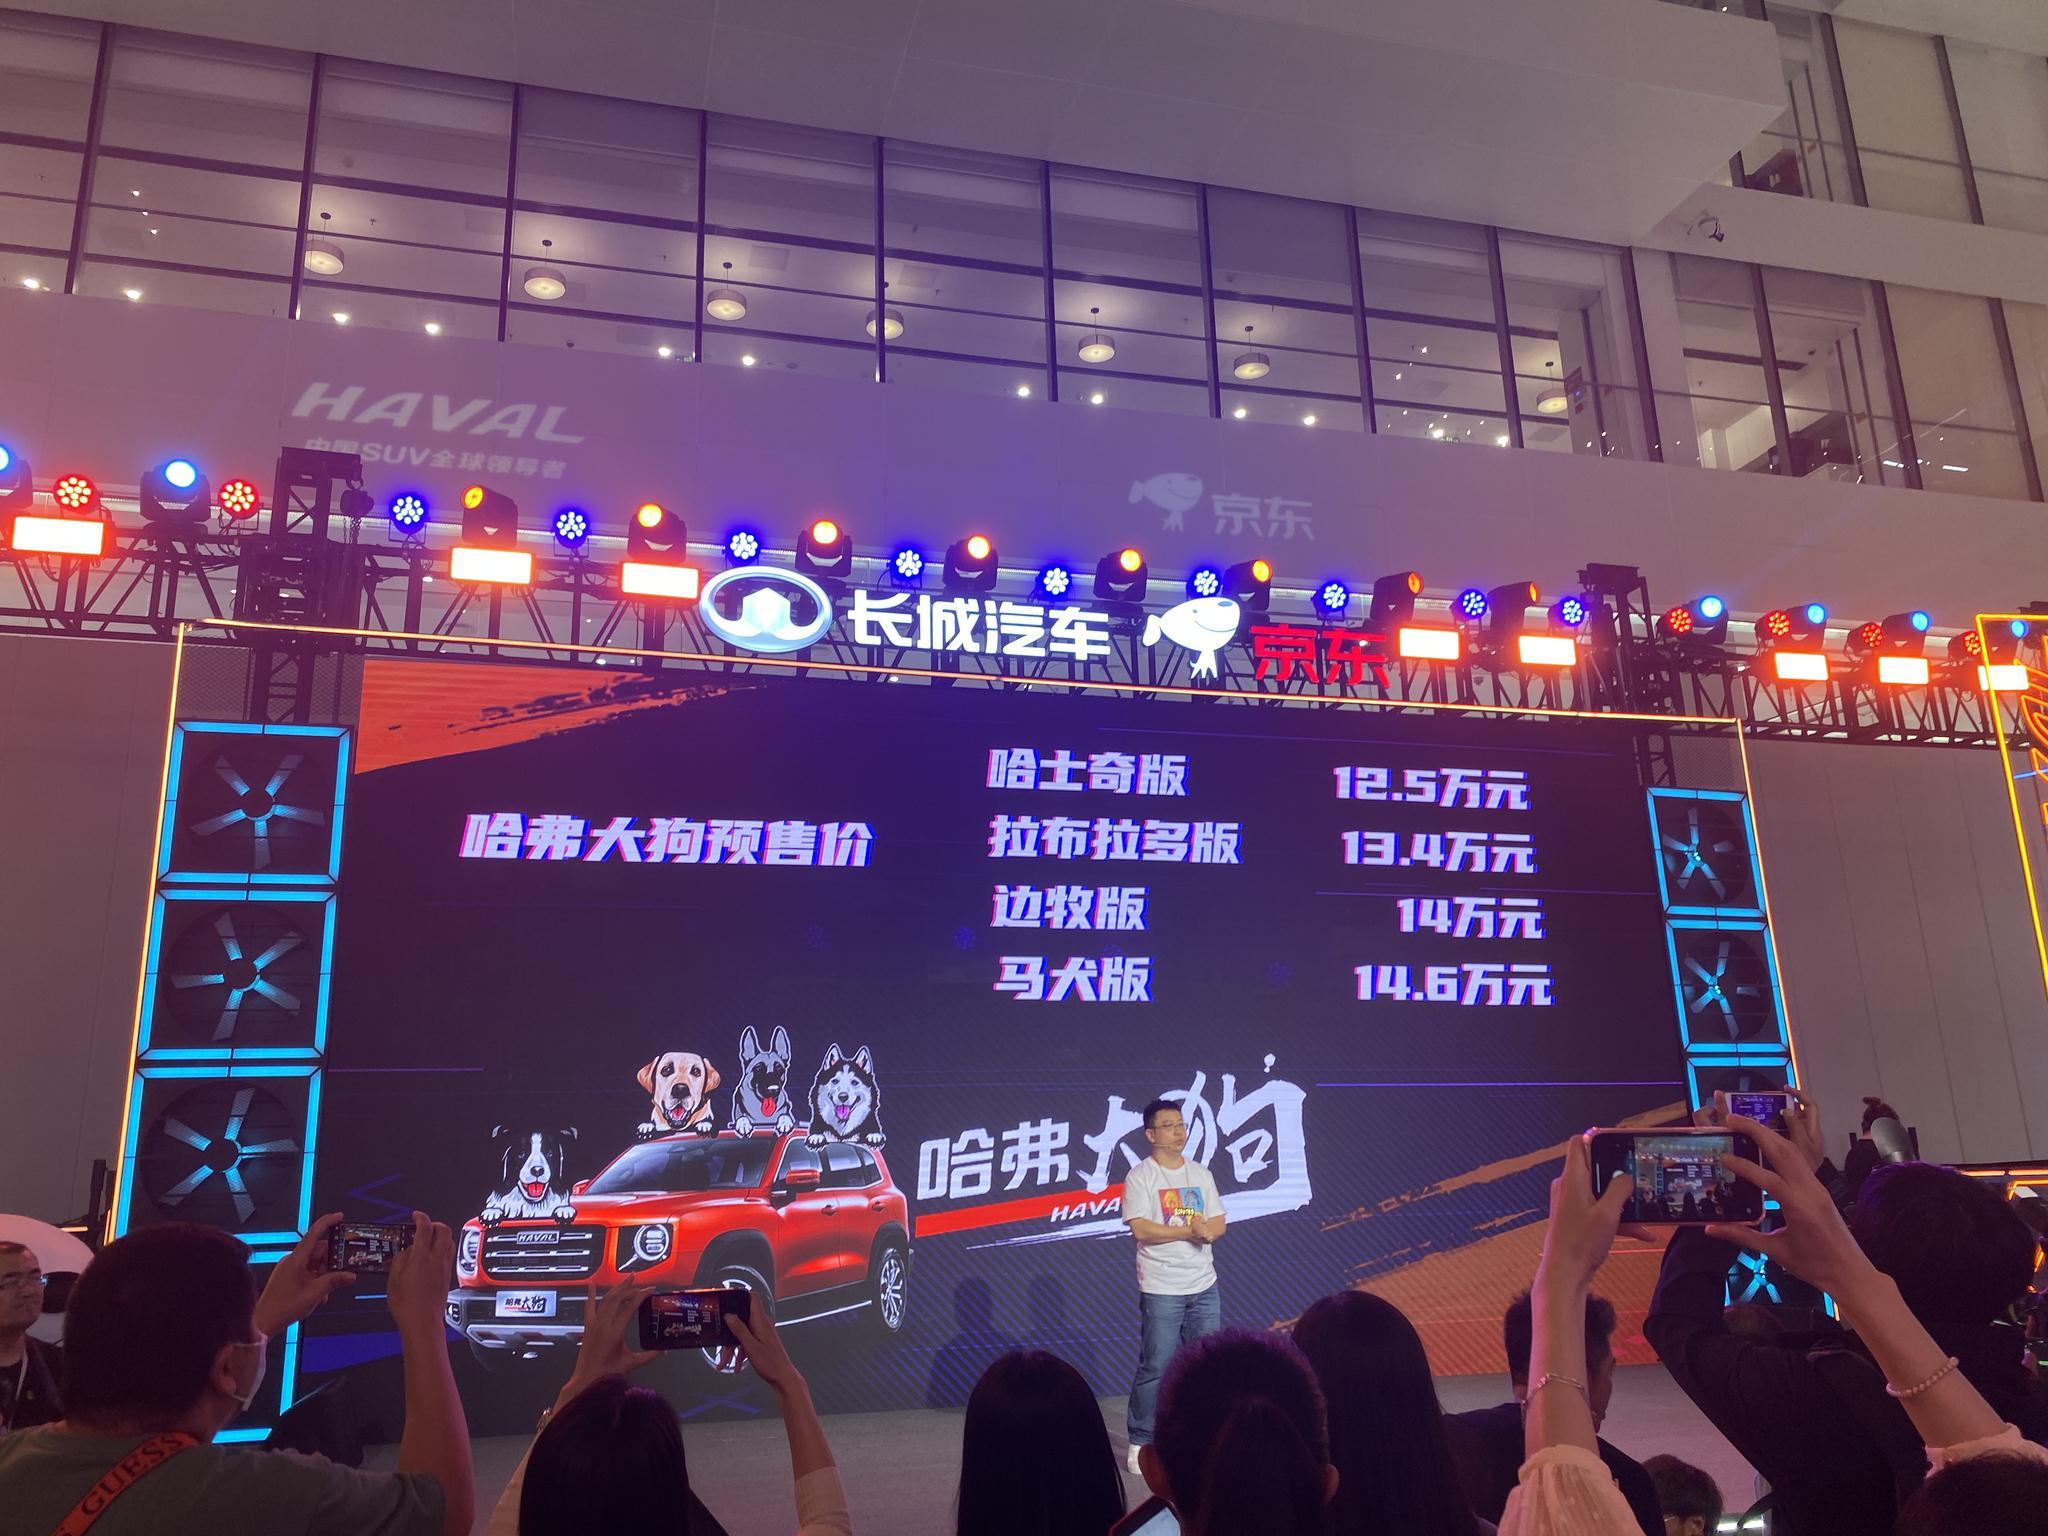 9月5日哈弗大狗开启预售 售12.5万元起